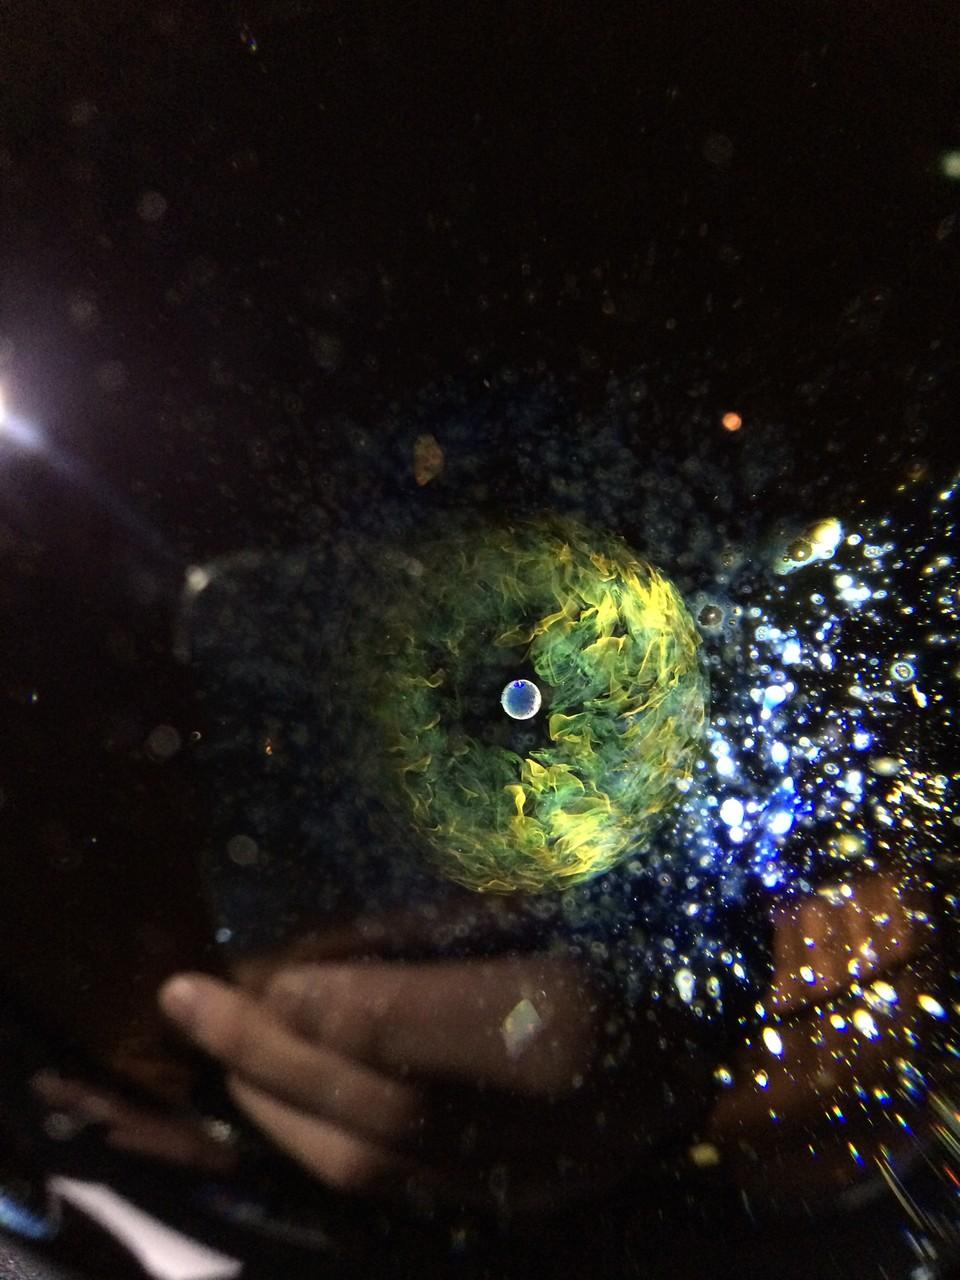 グループ展「BLUE」 (香山洋一《絵画》、小林愛枝《写真》、早川和明《ガラス》、丸山奈留美《陶芸》) @北野カルチュラルセンター 2013.11